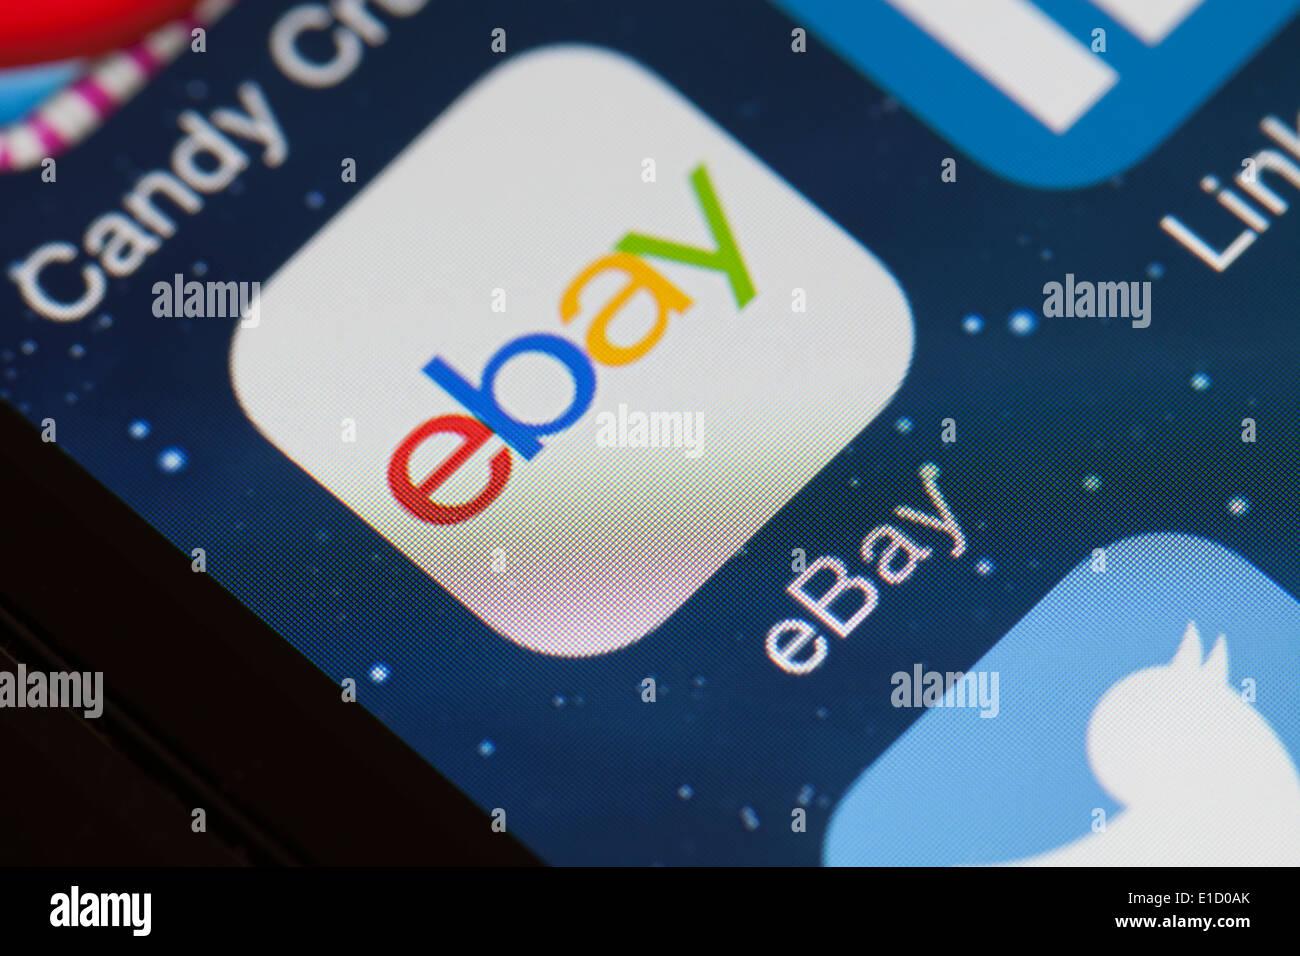 Ebay App Icon On Mobile Phone Stock Photo Alamy